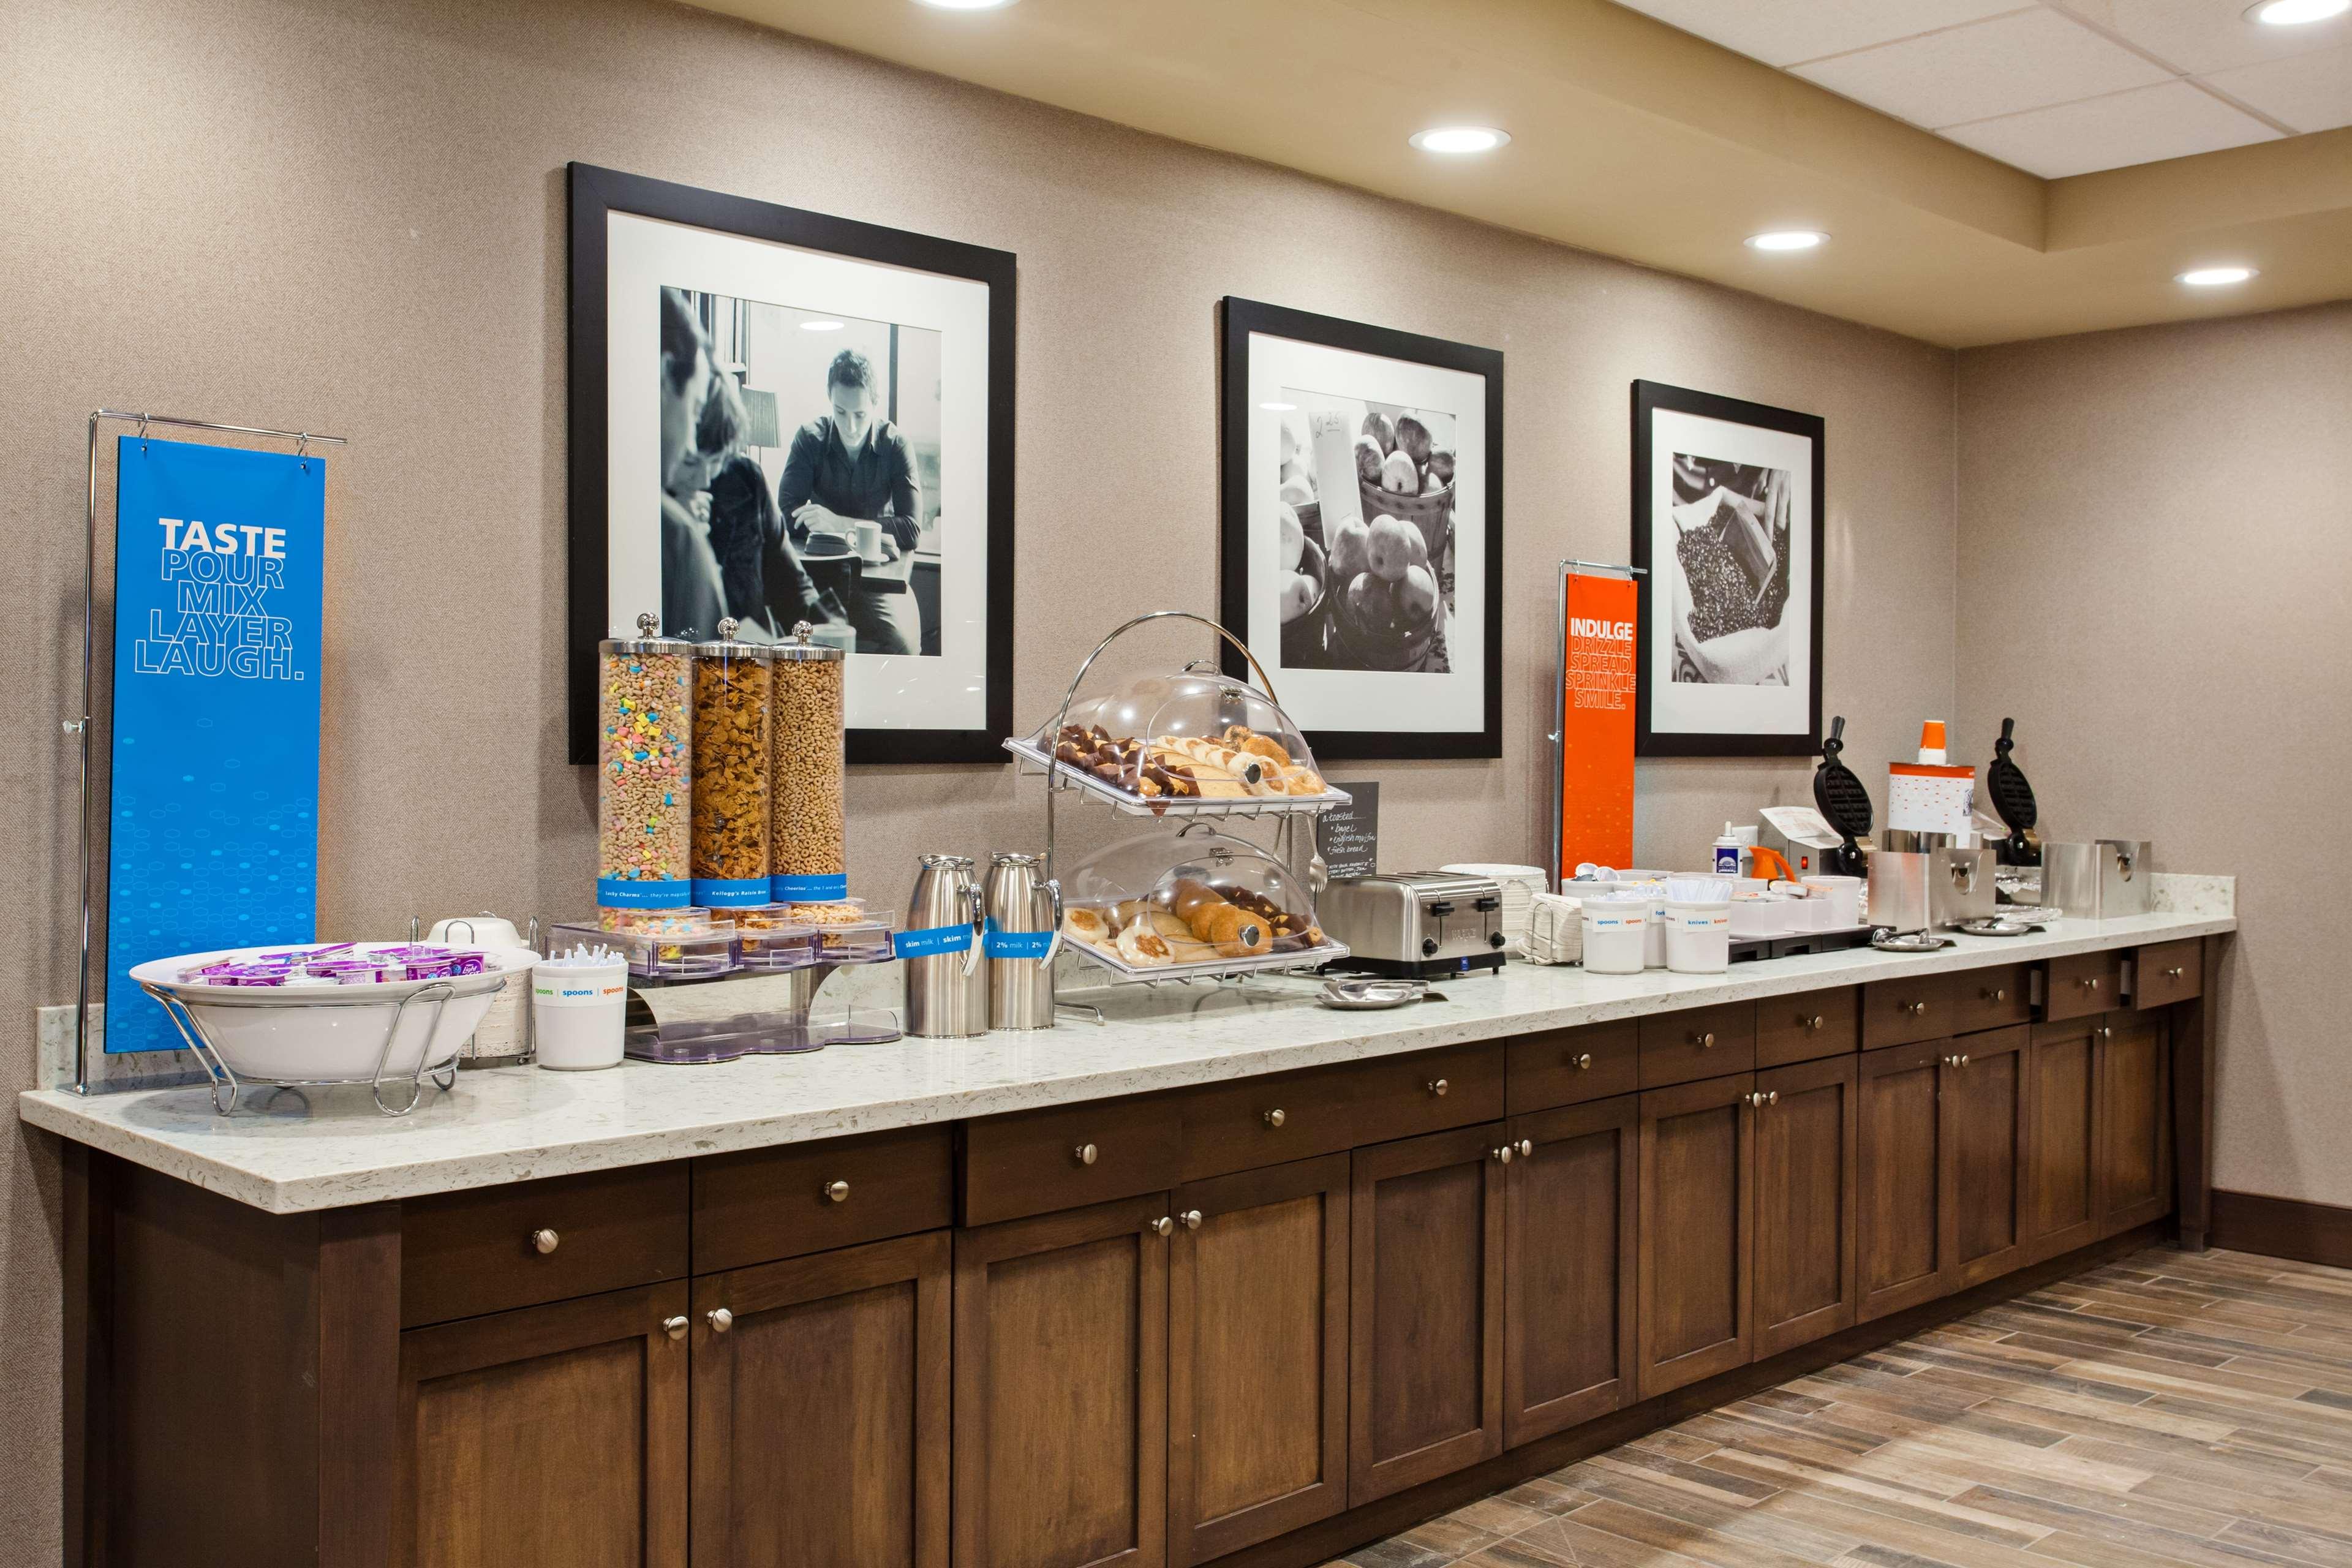 Hampton Inn & Suites Leavenworth image 8